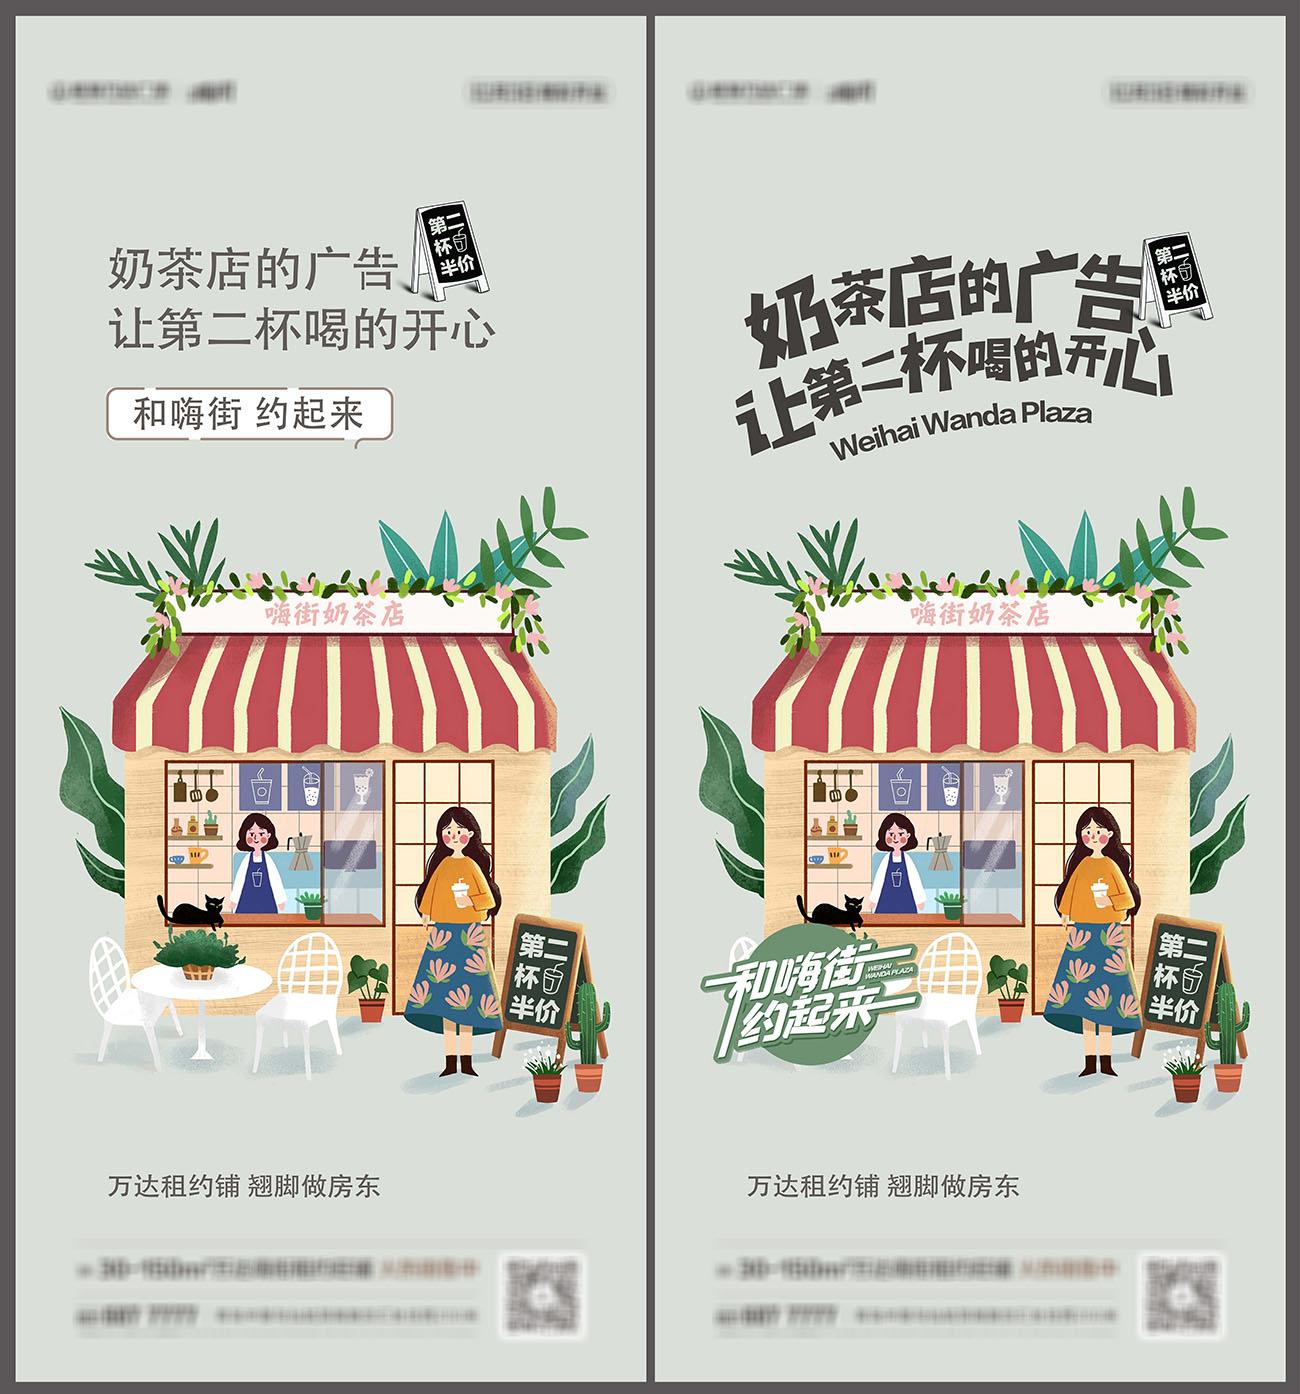 地产商铺商店奶茶微信插画海报AI源文件插图